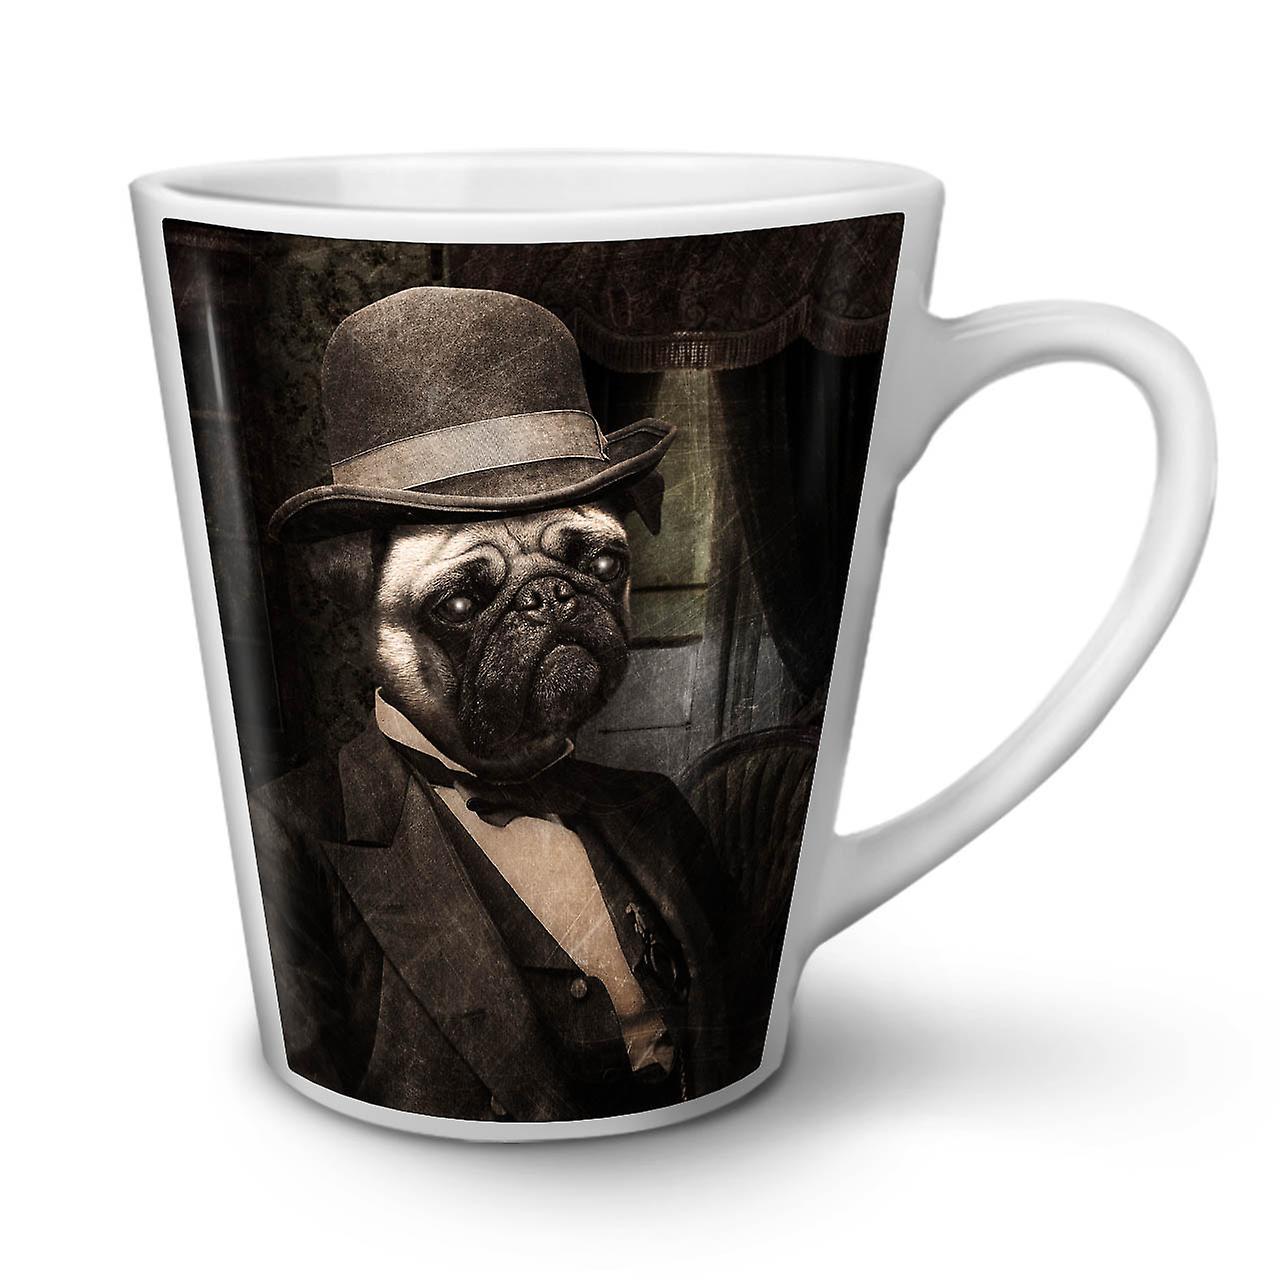 Céramique Blanche Pug Mignon OzWellcoda Tasse En Sir Nouvelle Chien Latte Drôle Café 12 Ok0NnwPX8